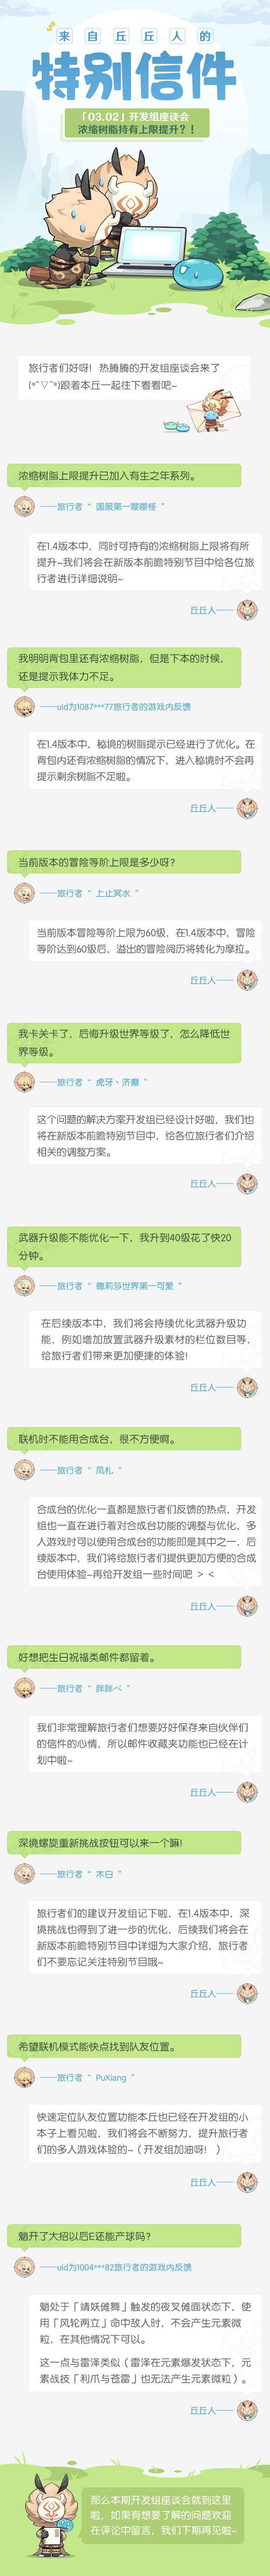 原神开发组座谈会03.02